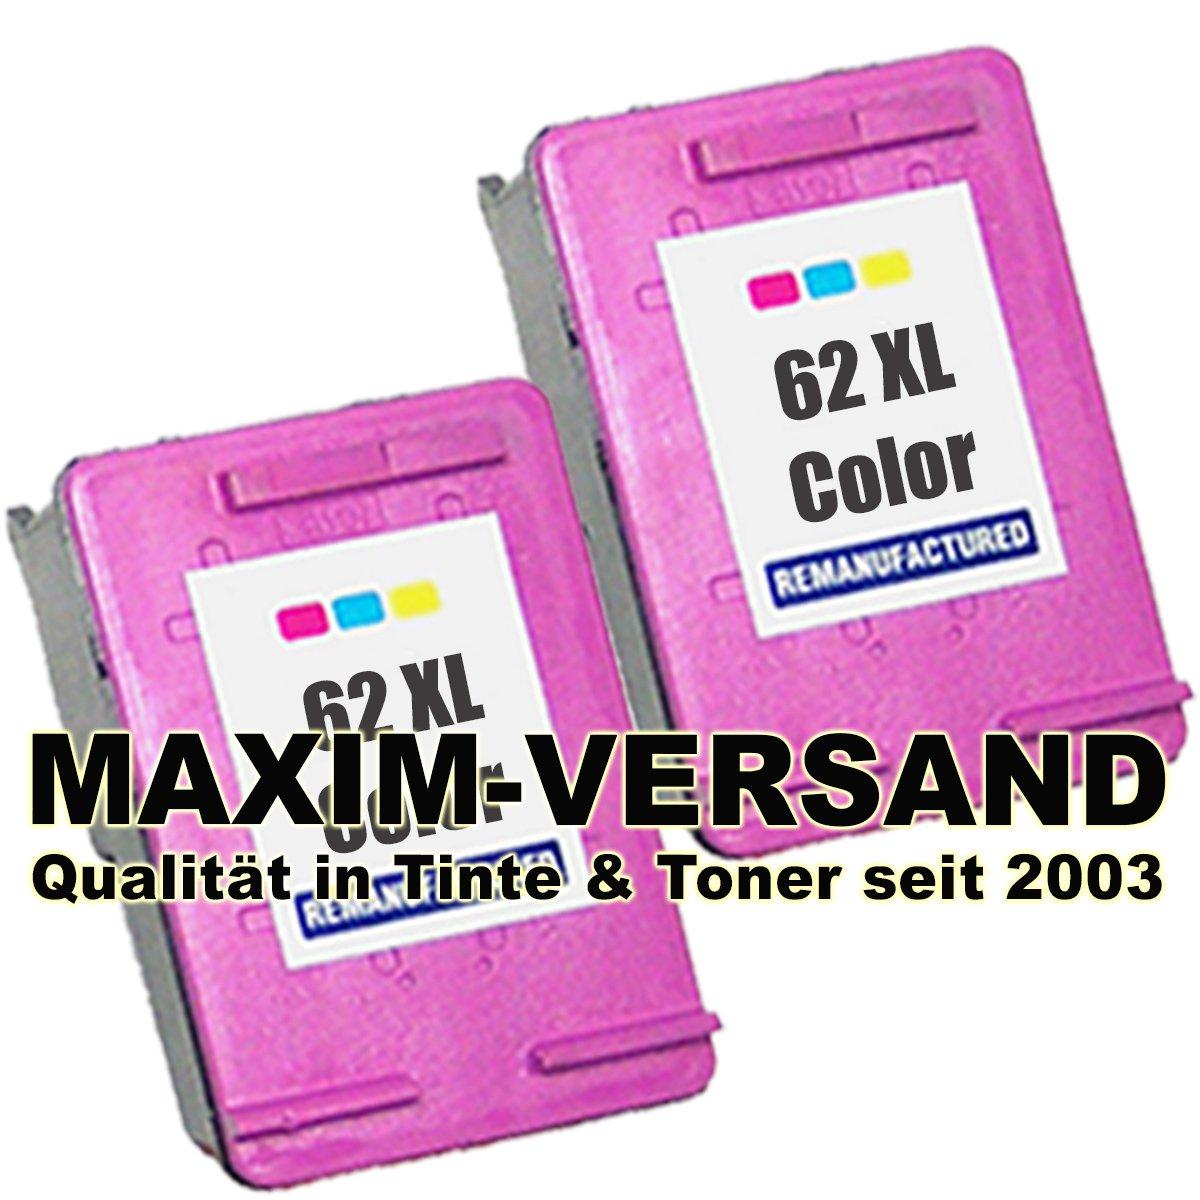 2 Cartuchos de Tinta XL máxima de mprint (Refill - recargados ...